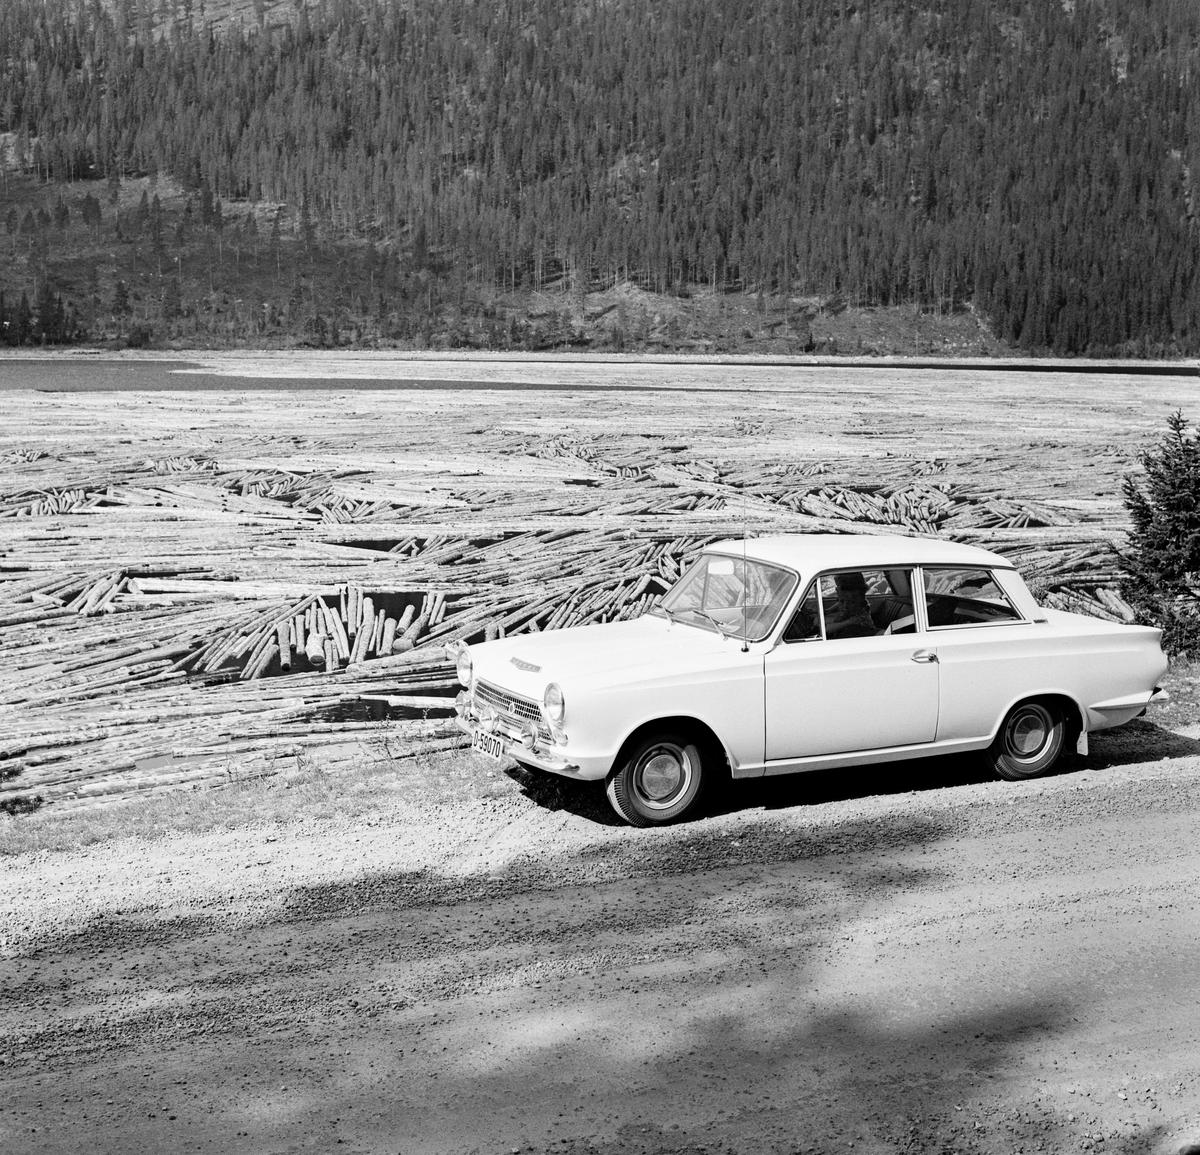 Tømmer på Engeren eller Engersjøen, fotografert under fløtinga i Trysilvassdraget i mai 1964. Fotografiet er tatt fra riksveg 26 – Engerdalsvegen.  I forgrunnen til høyre en personbil – en engelskprodusert Ford Cortina Mark I.    Mer informasjon om fløtinga i Trysilvassdraget i 1964 finnes under fanen «Opplysninger».